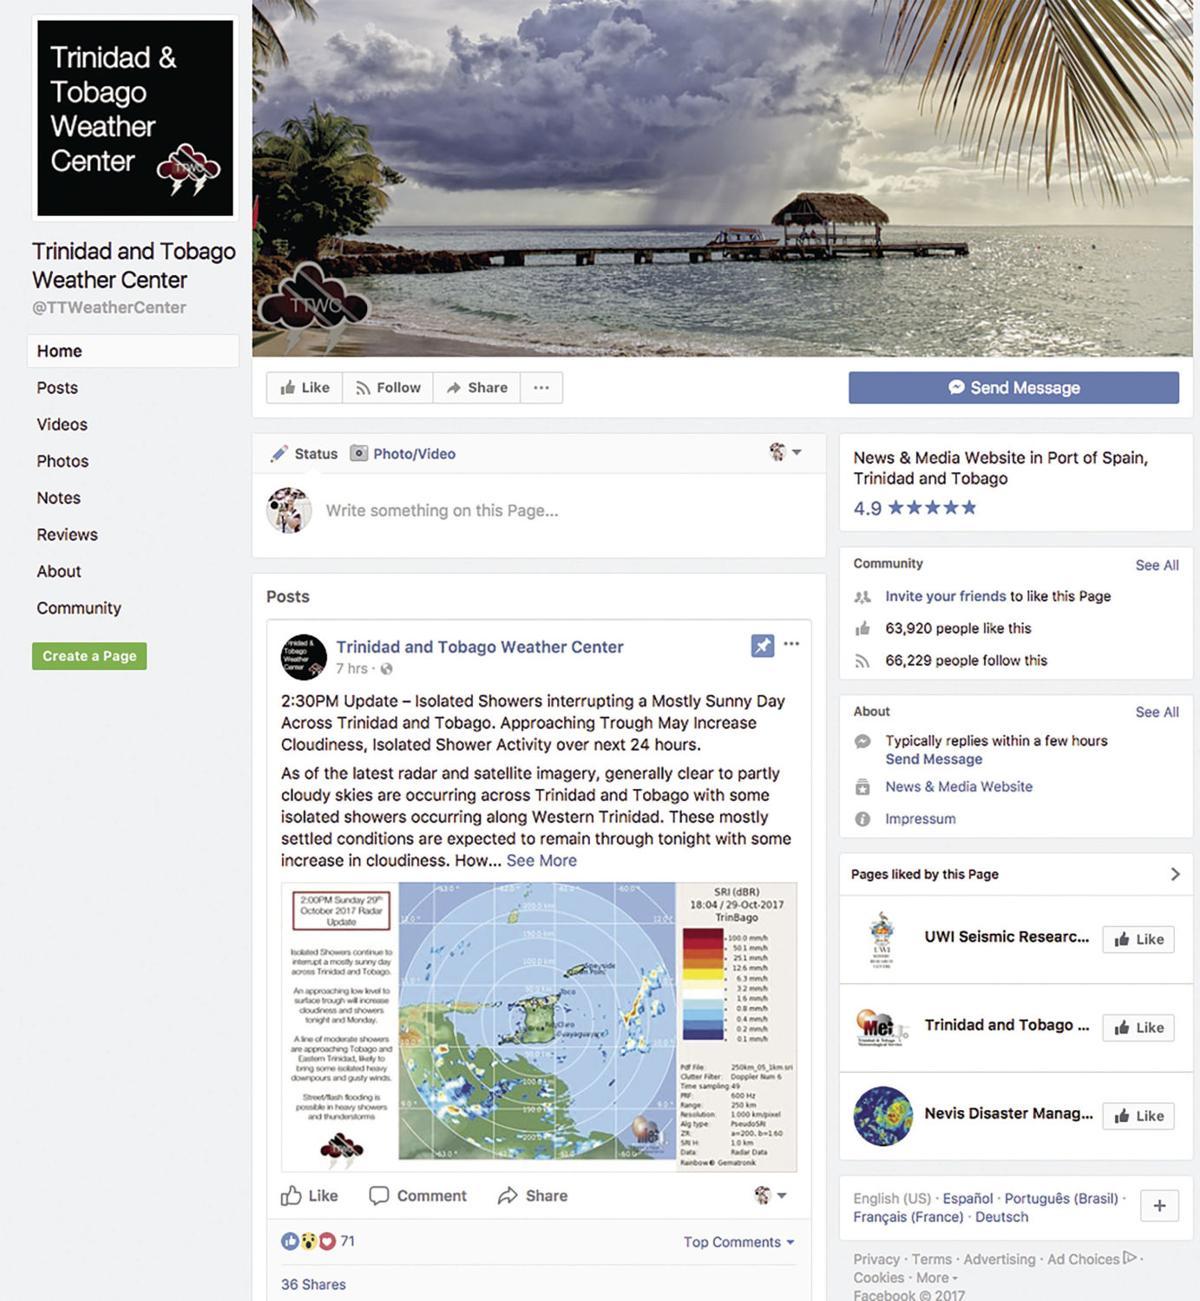 Trinidad and Tobago Weather Center Facebook